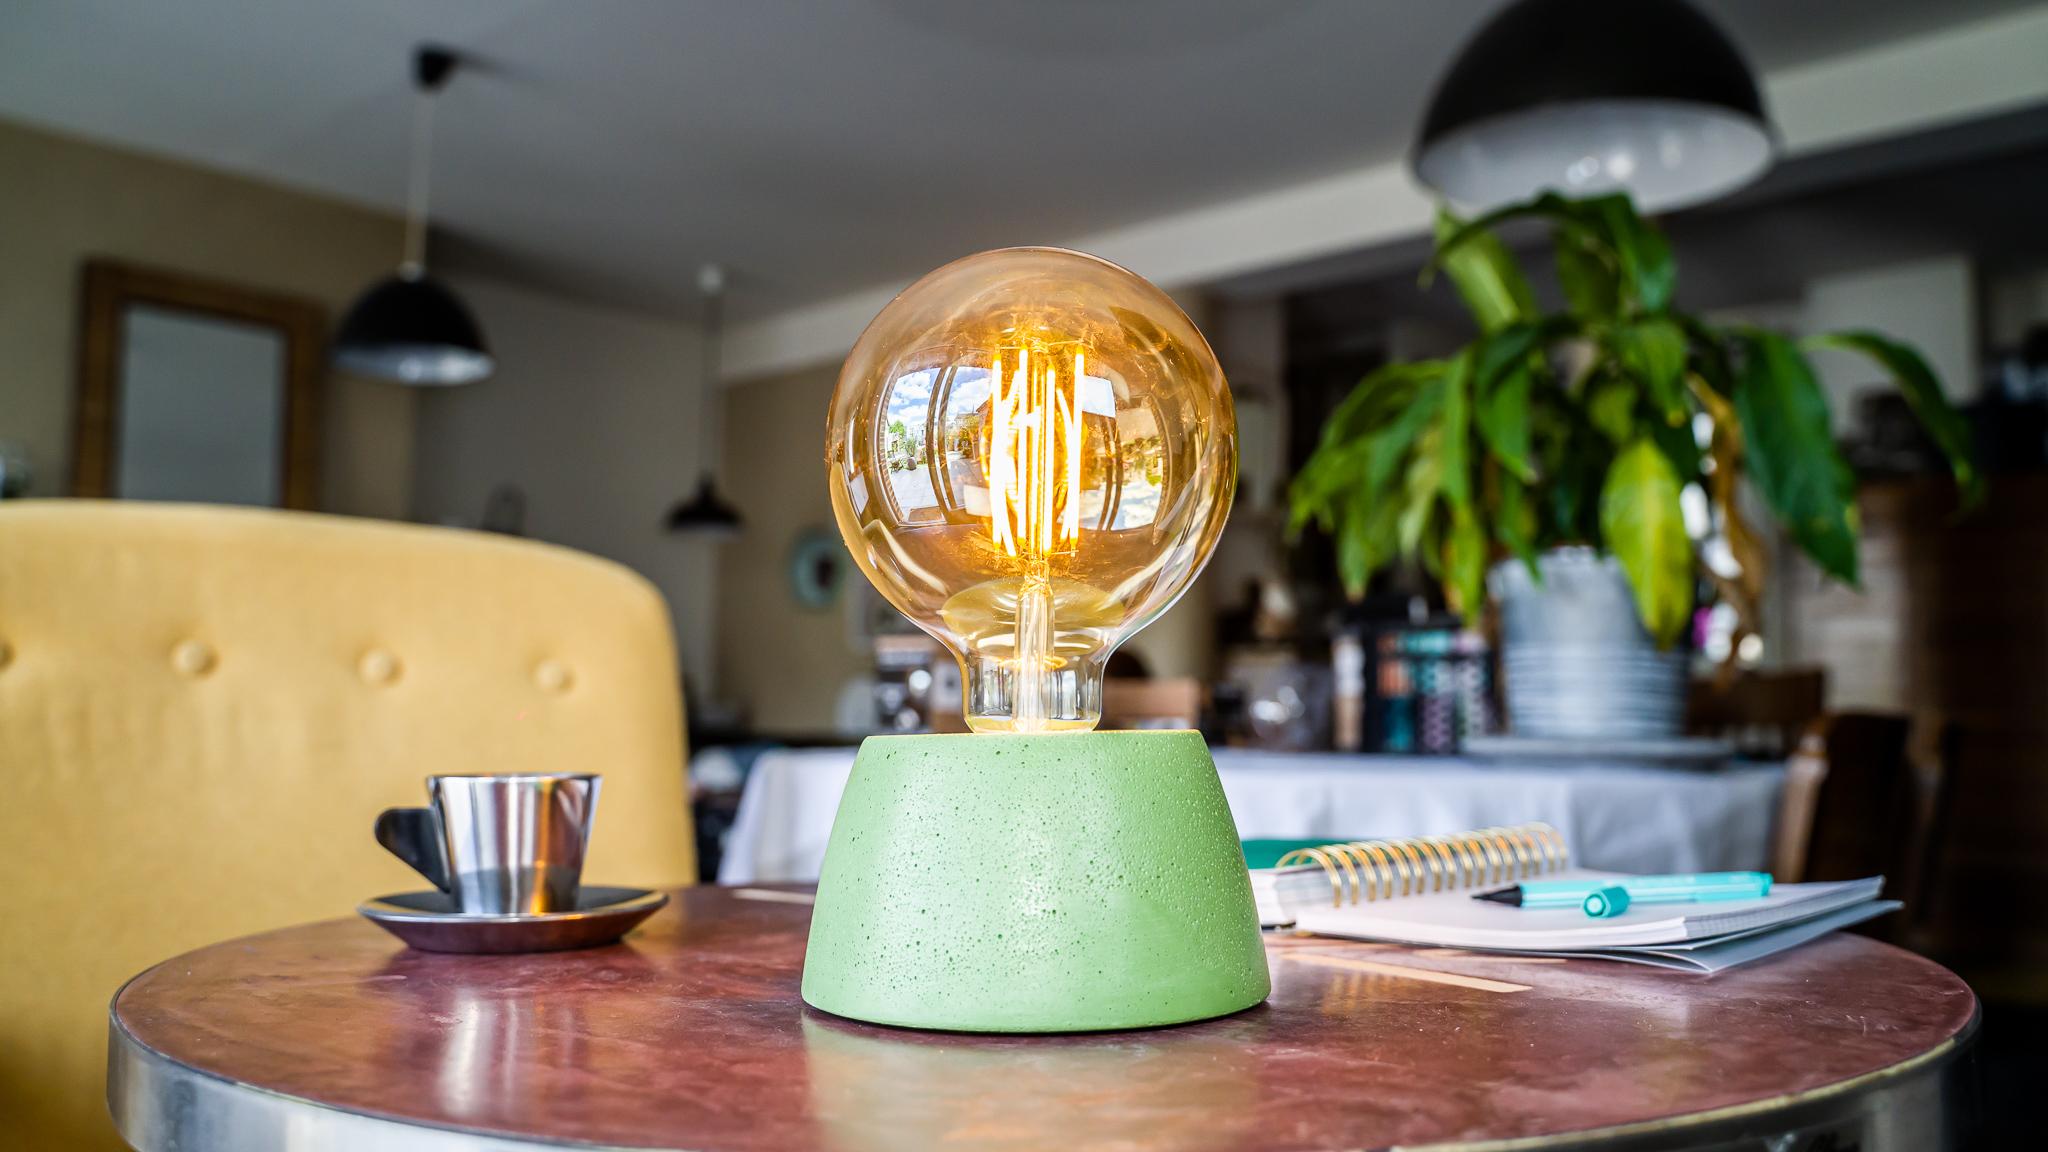 Lampe dôme en béton vert fabrication artisanale